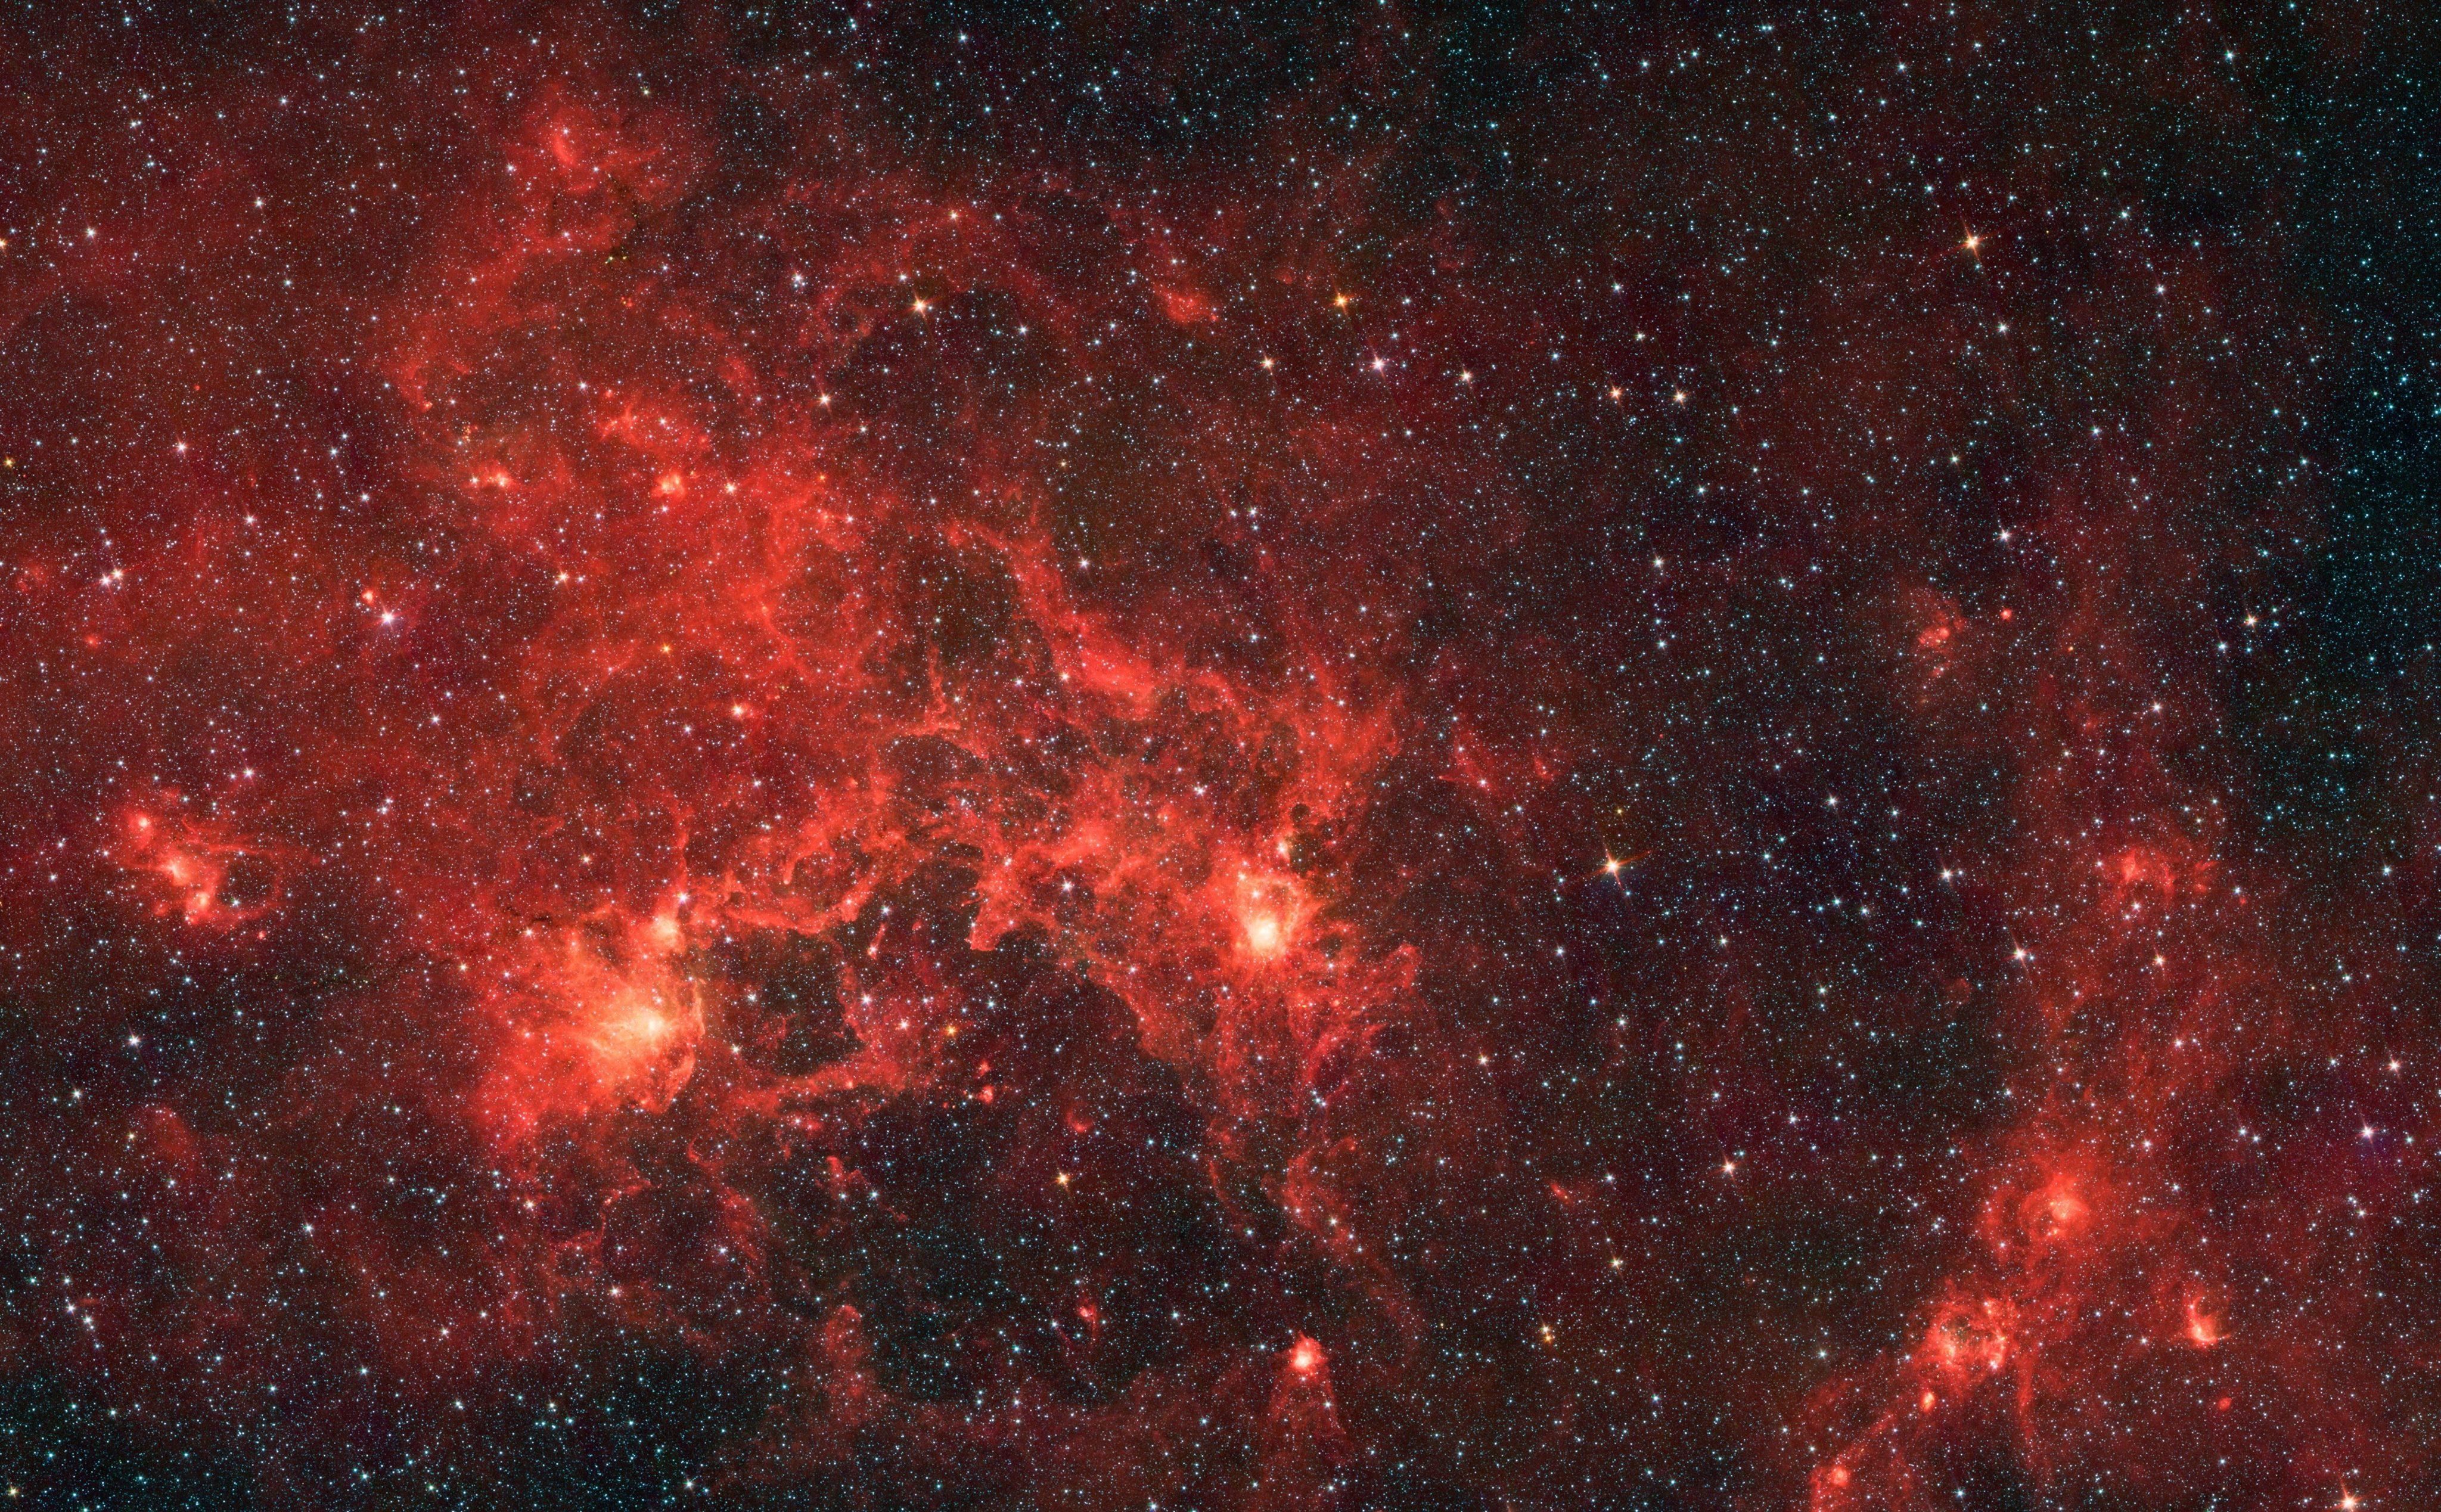 Cercetătorii NASA au detectat un univers paralel în care legile fizicii funcționează invers